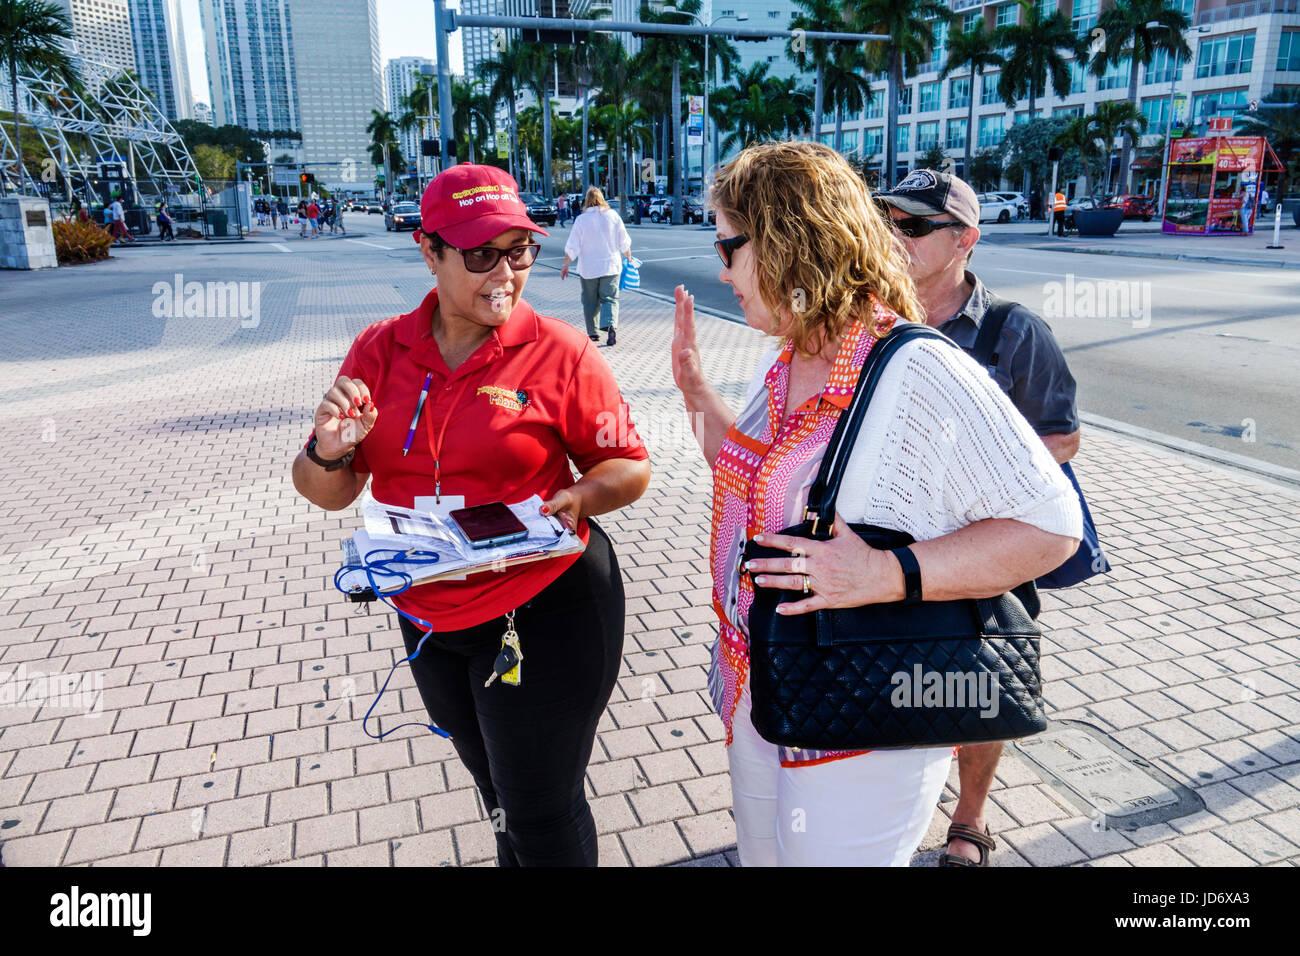 Miami Florida Downtown Biscayne Boulevard Bayfront Park ispanico donna uomo Citysightseeing tour ticket vendor agente Foto Stock